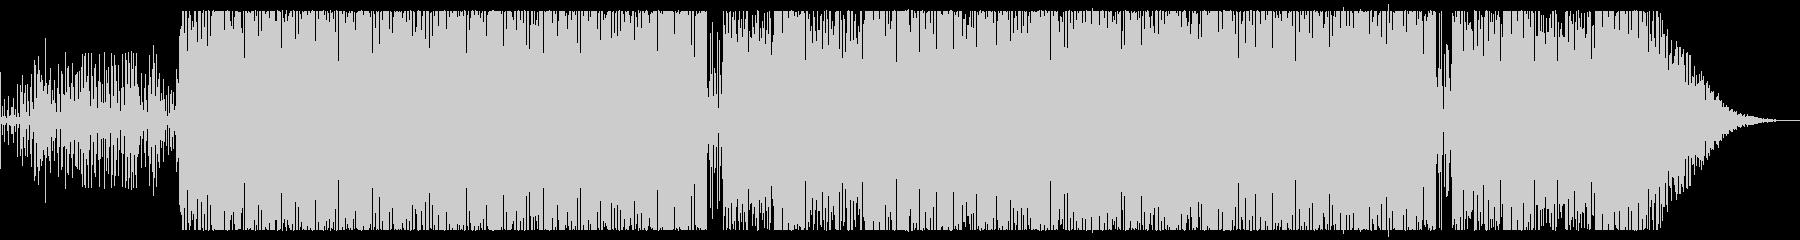 トランス調BGMの未再生の波形